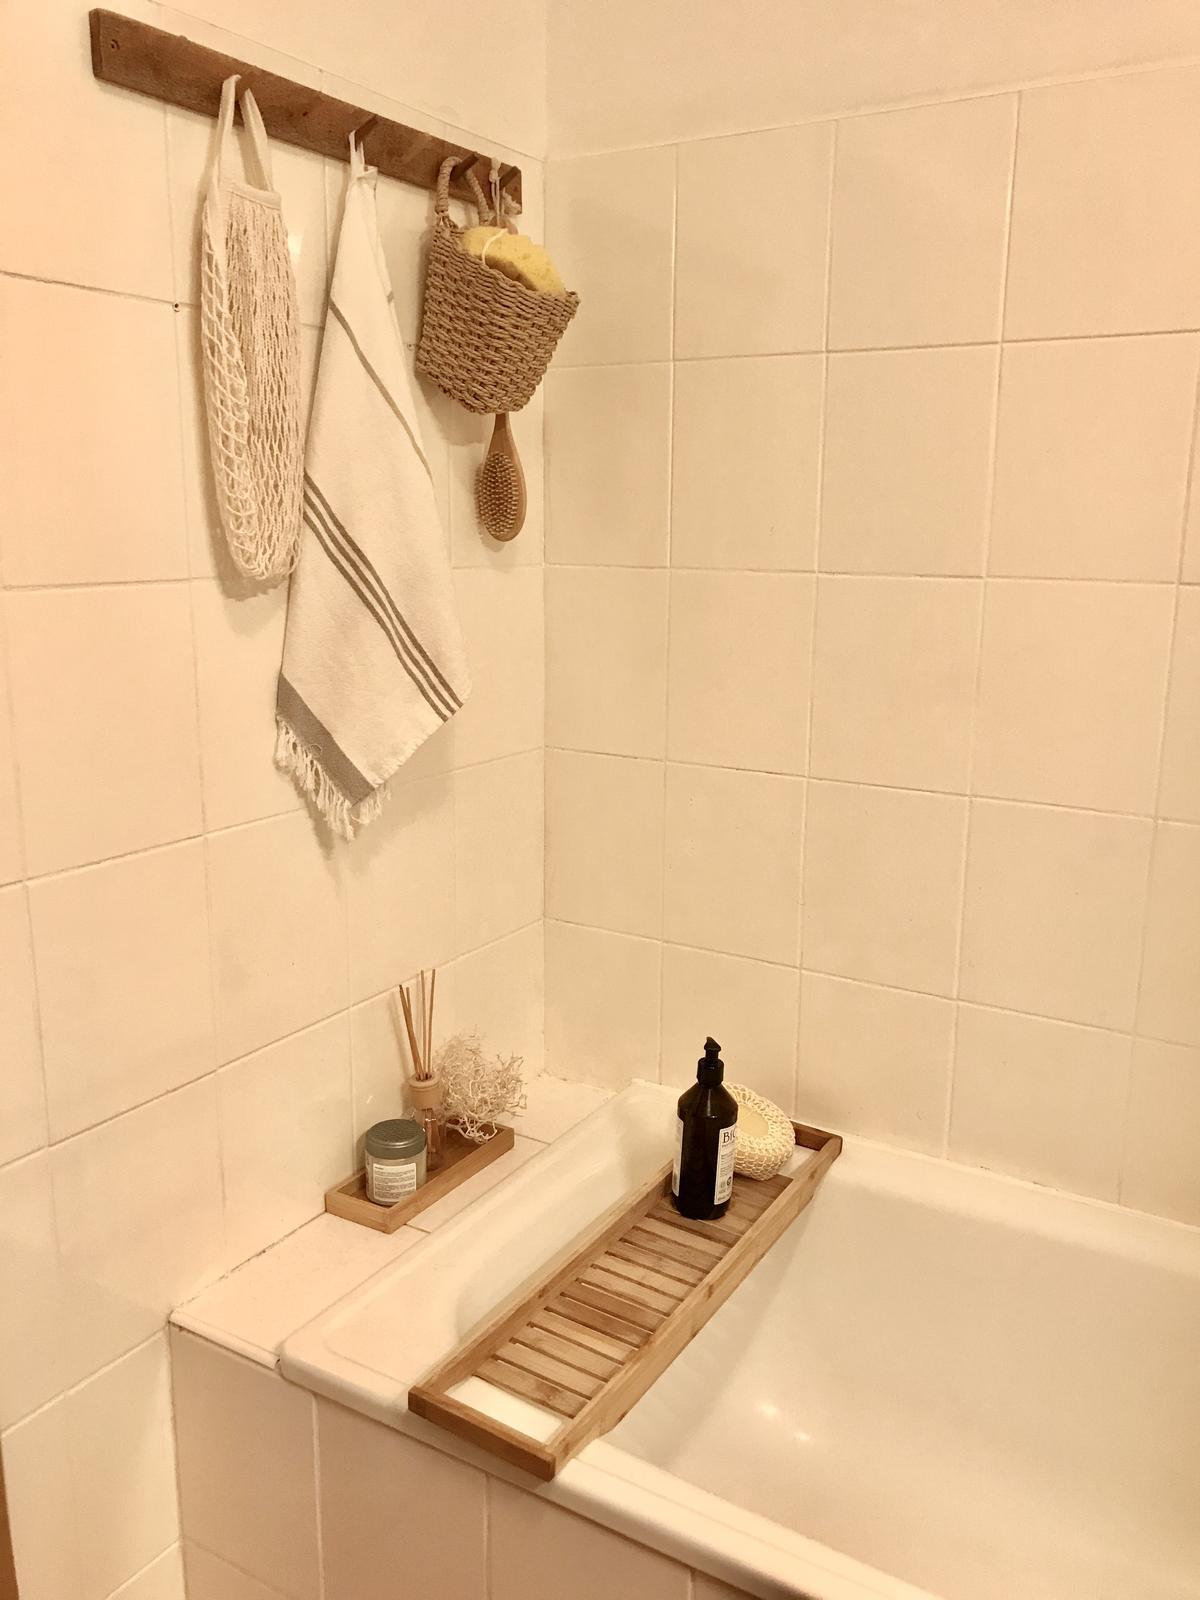 Z příšerné koupelny tvořím trochu lepší 💪 - Obrázek č. 45